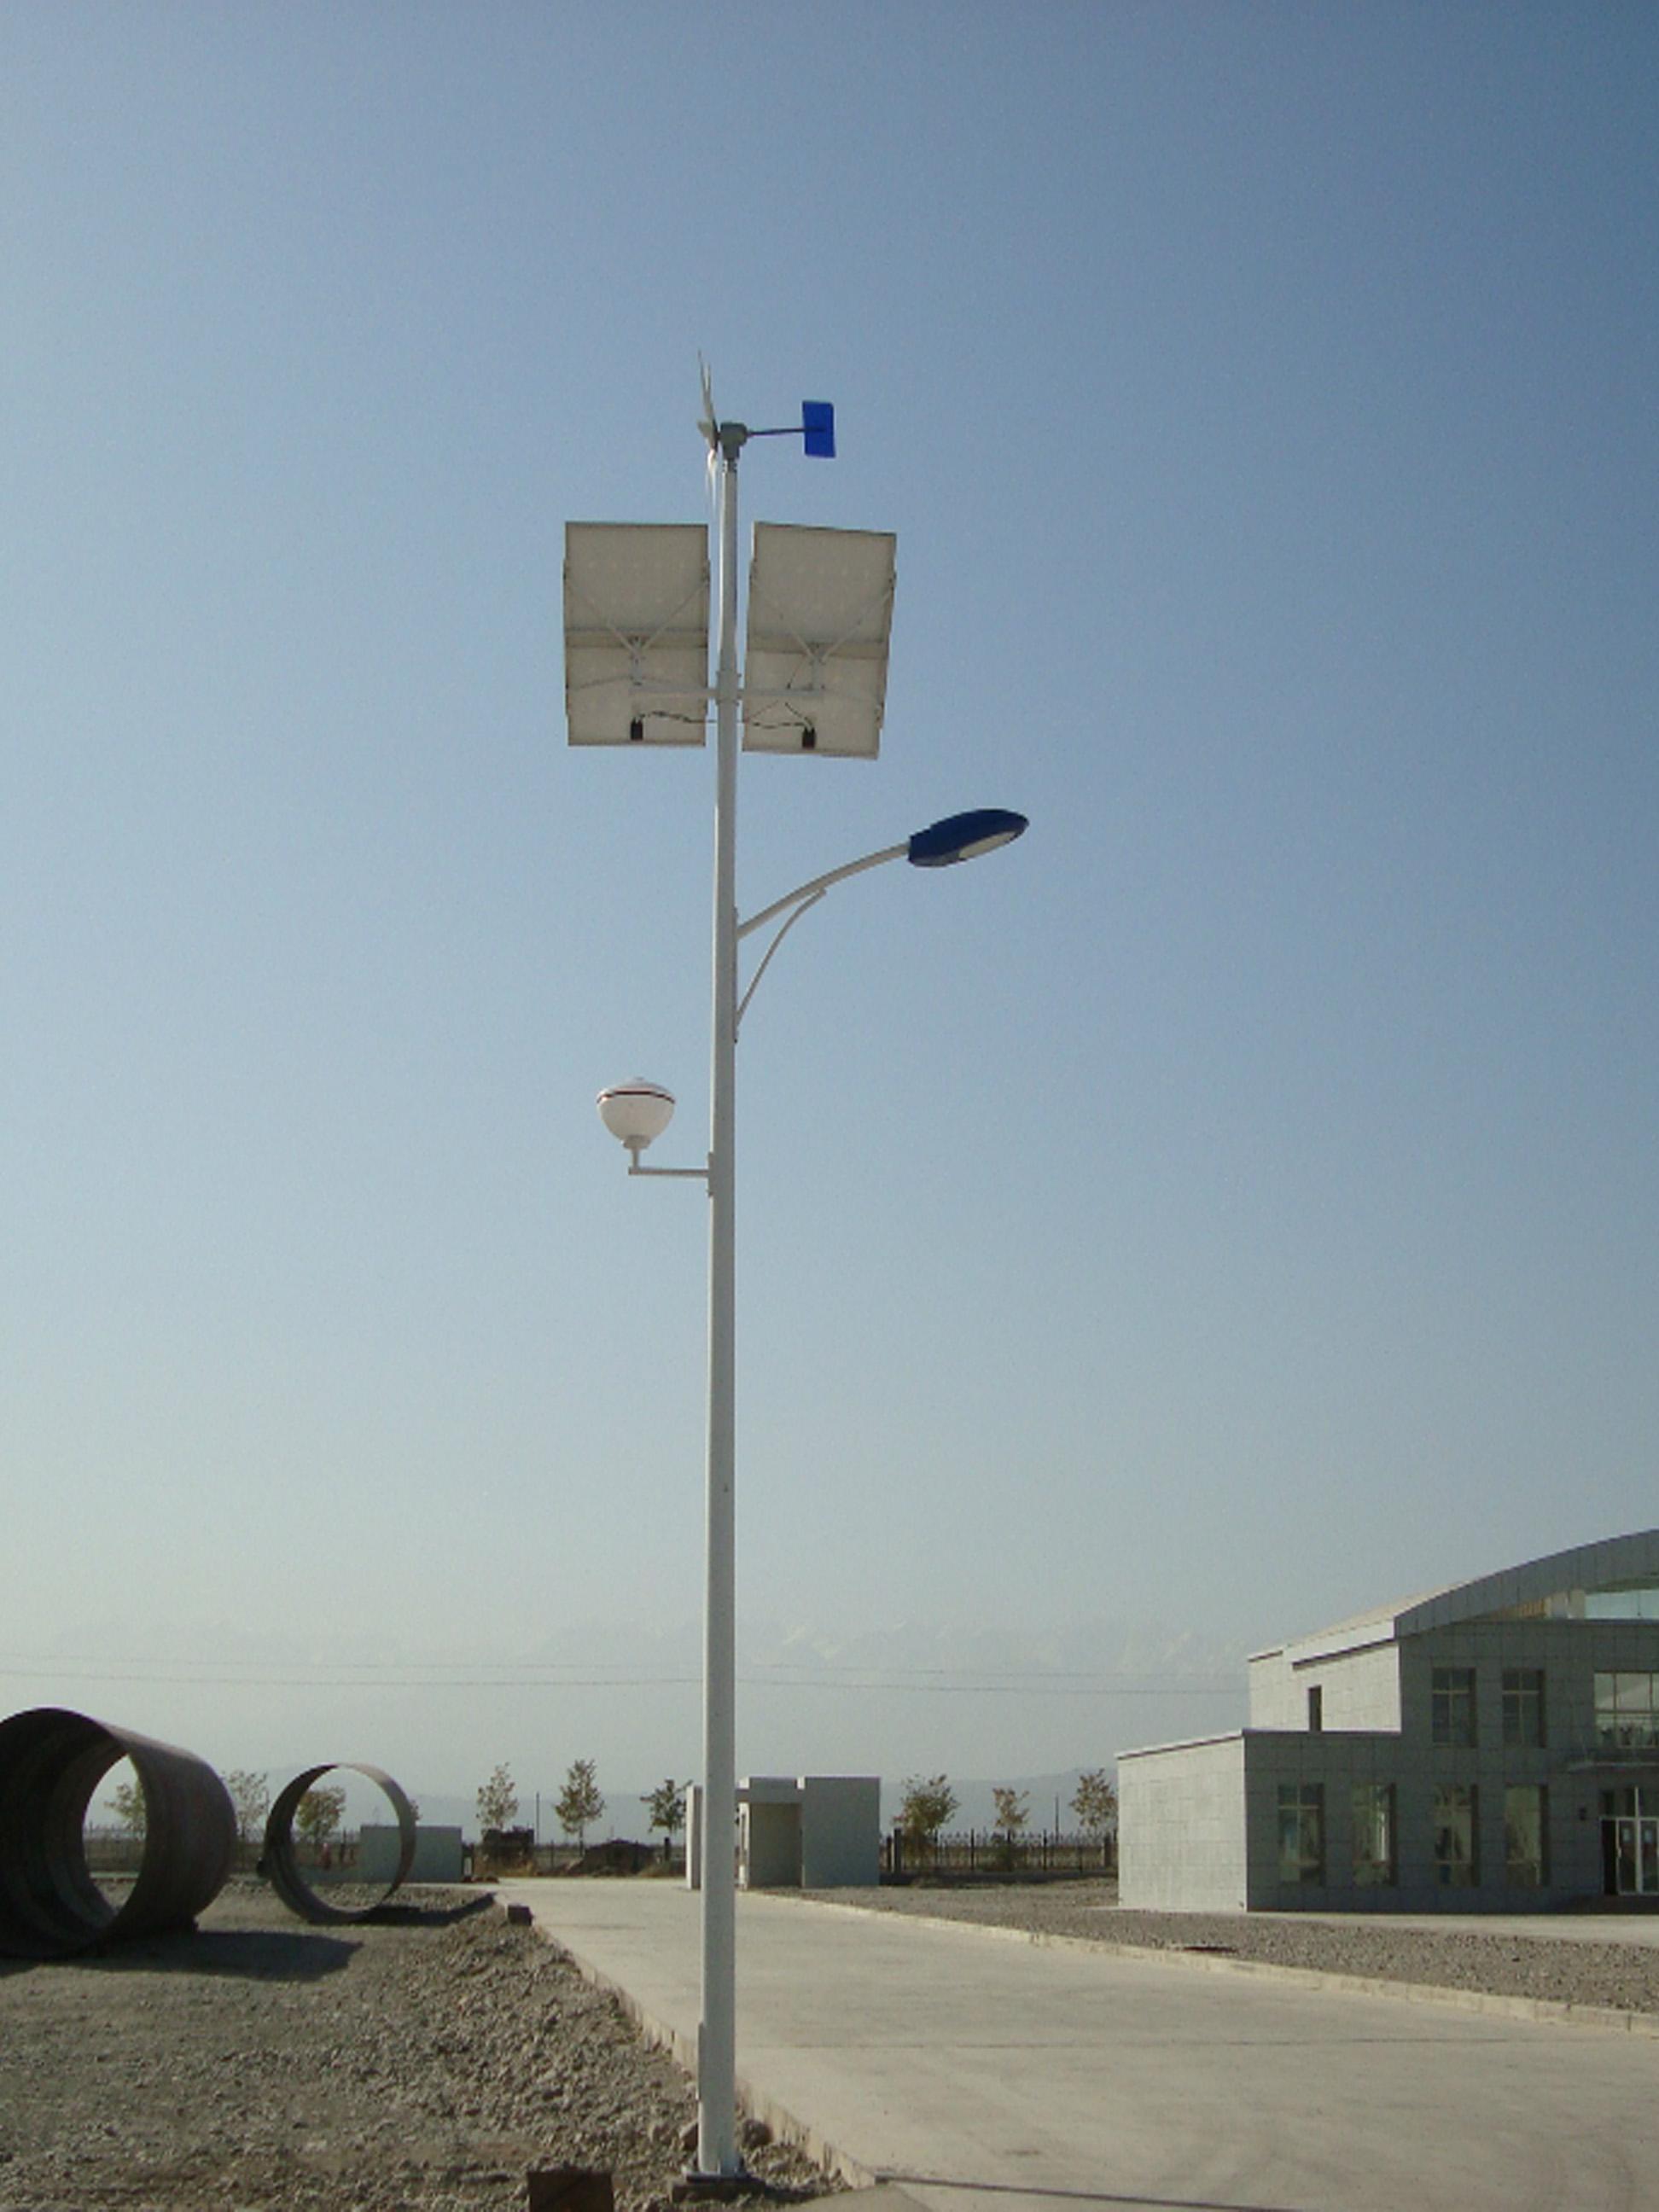 太阳能路灯投入资金少